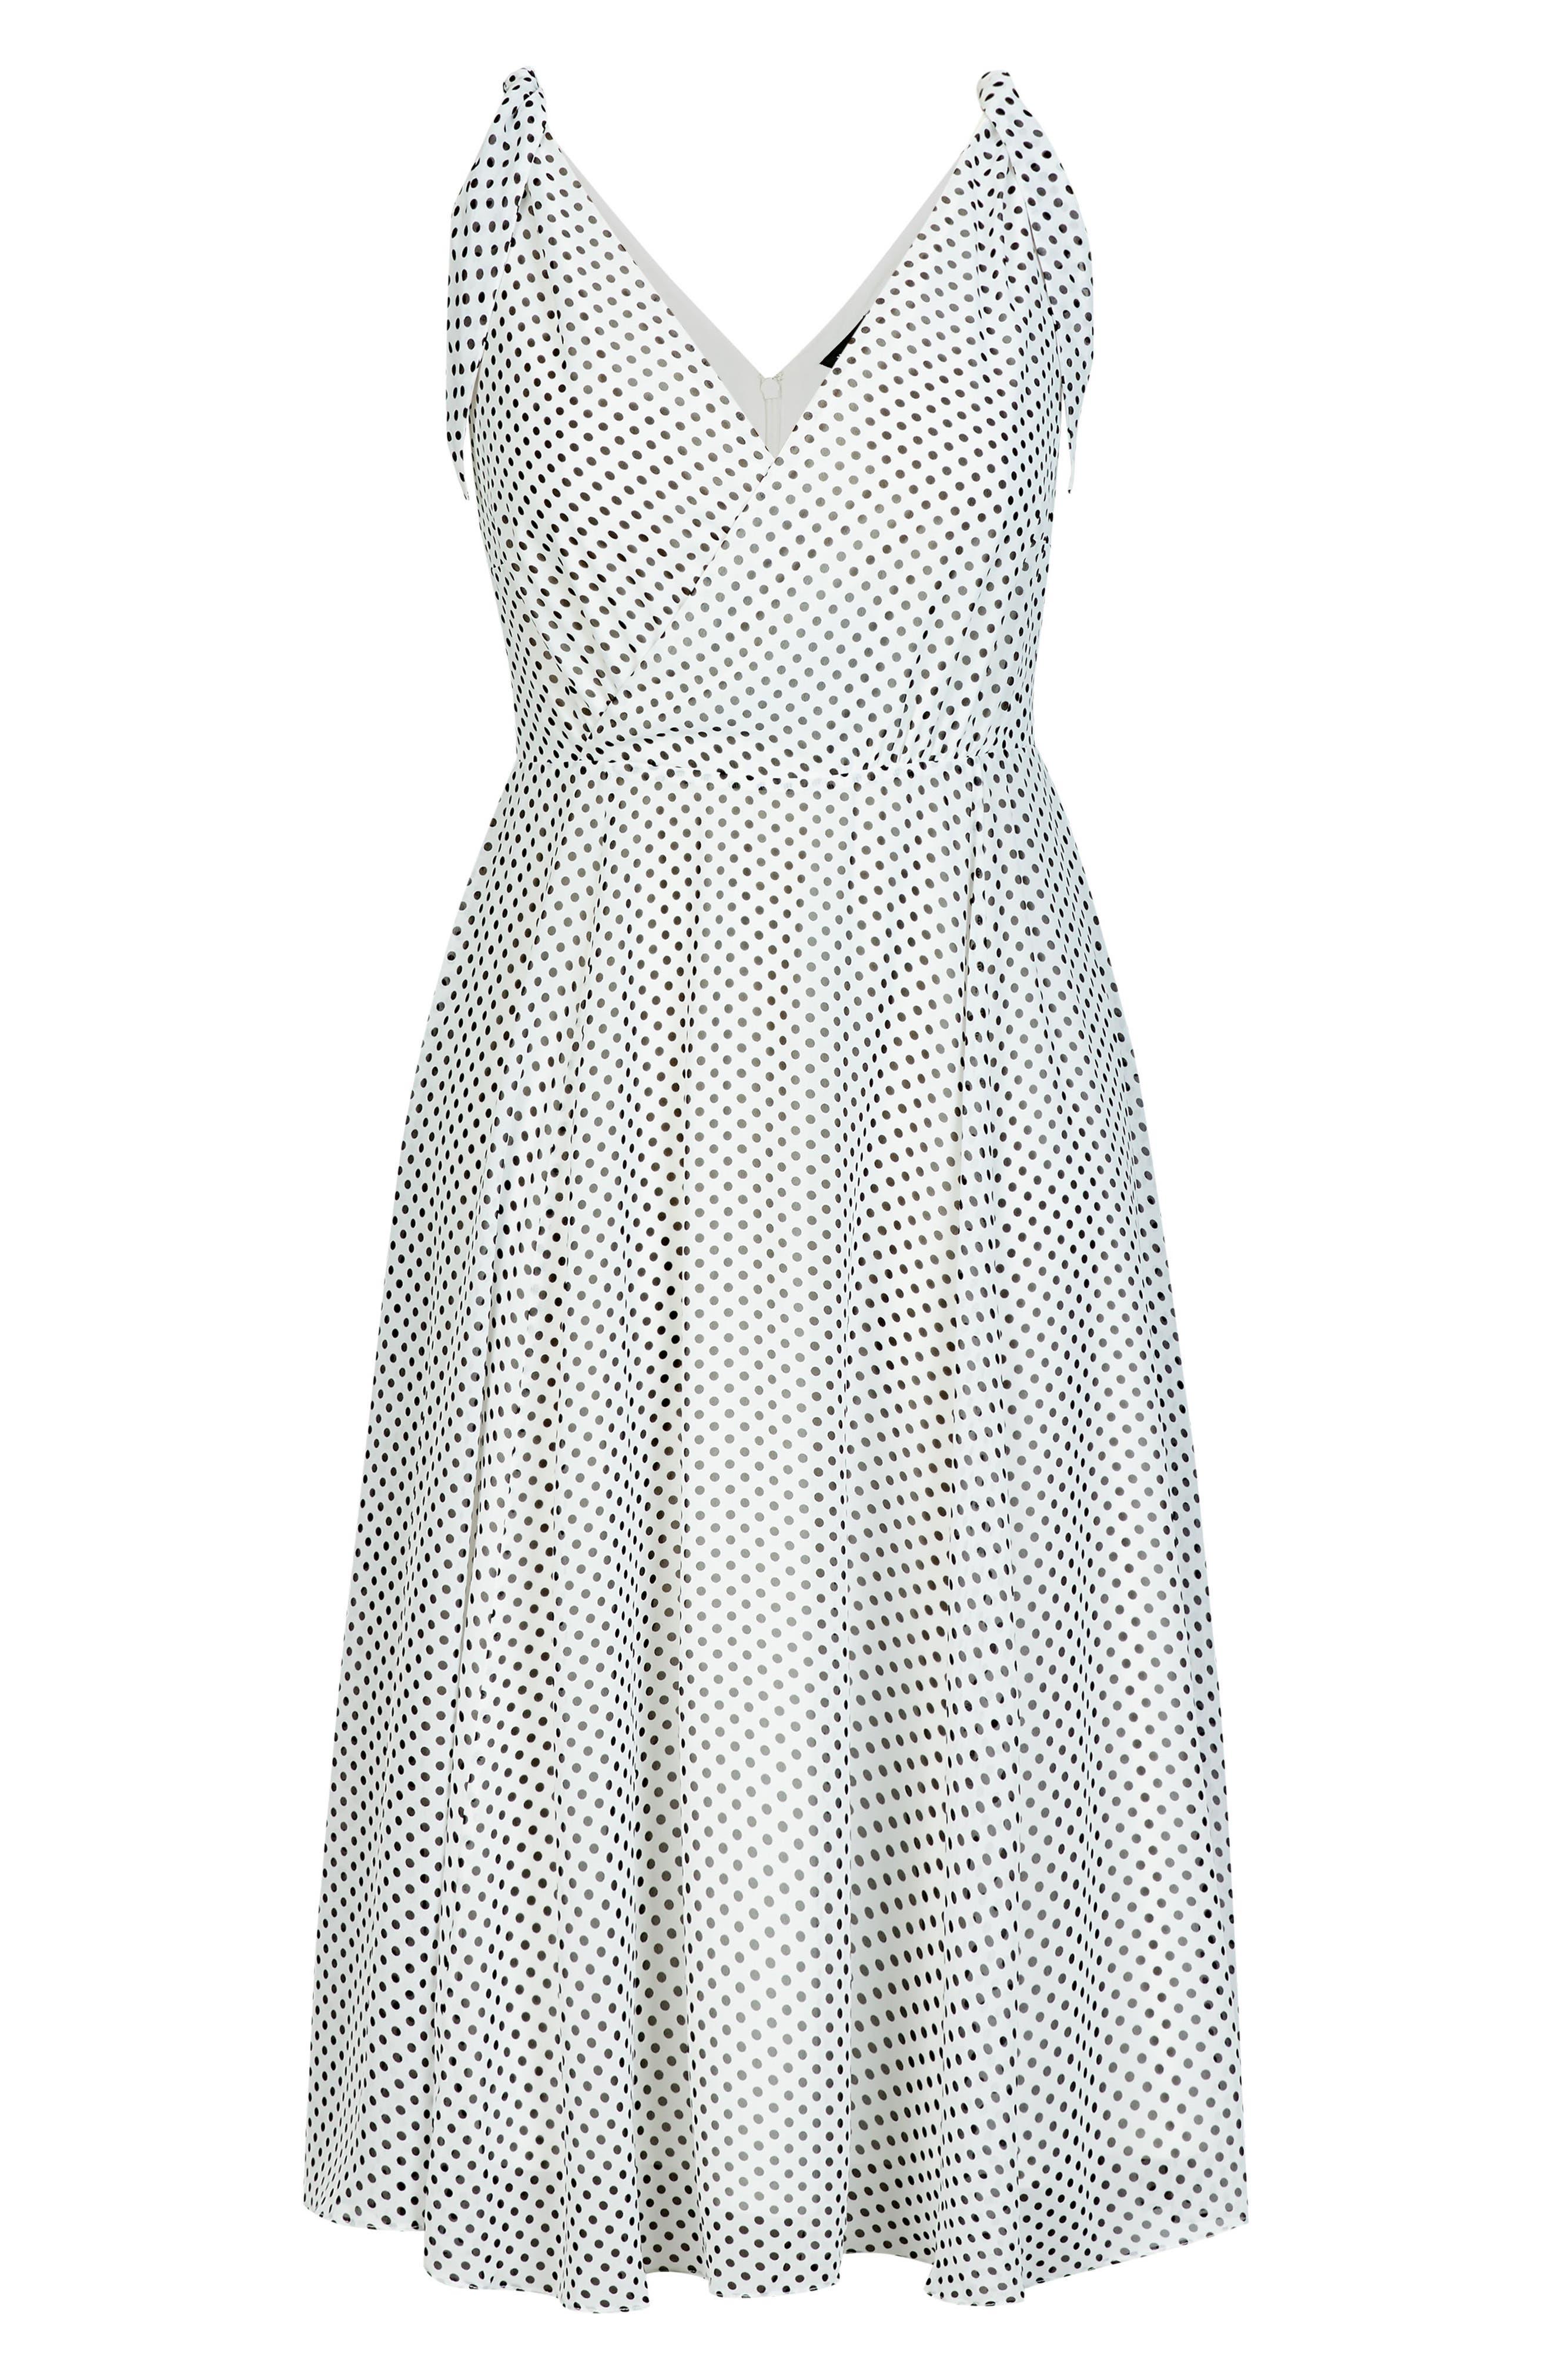 Alika Dot Fit & Flare Dress,                             Alternate thumbnail 8, color,                             IVORY